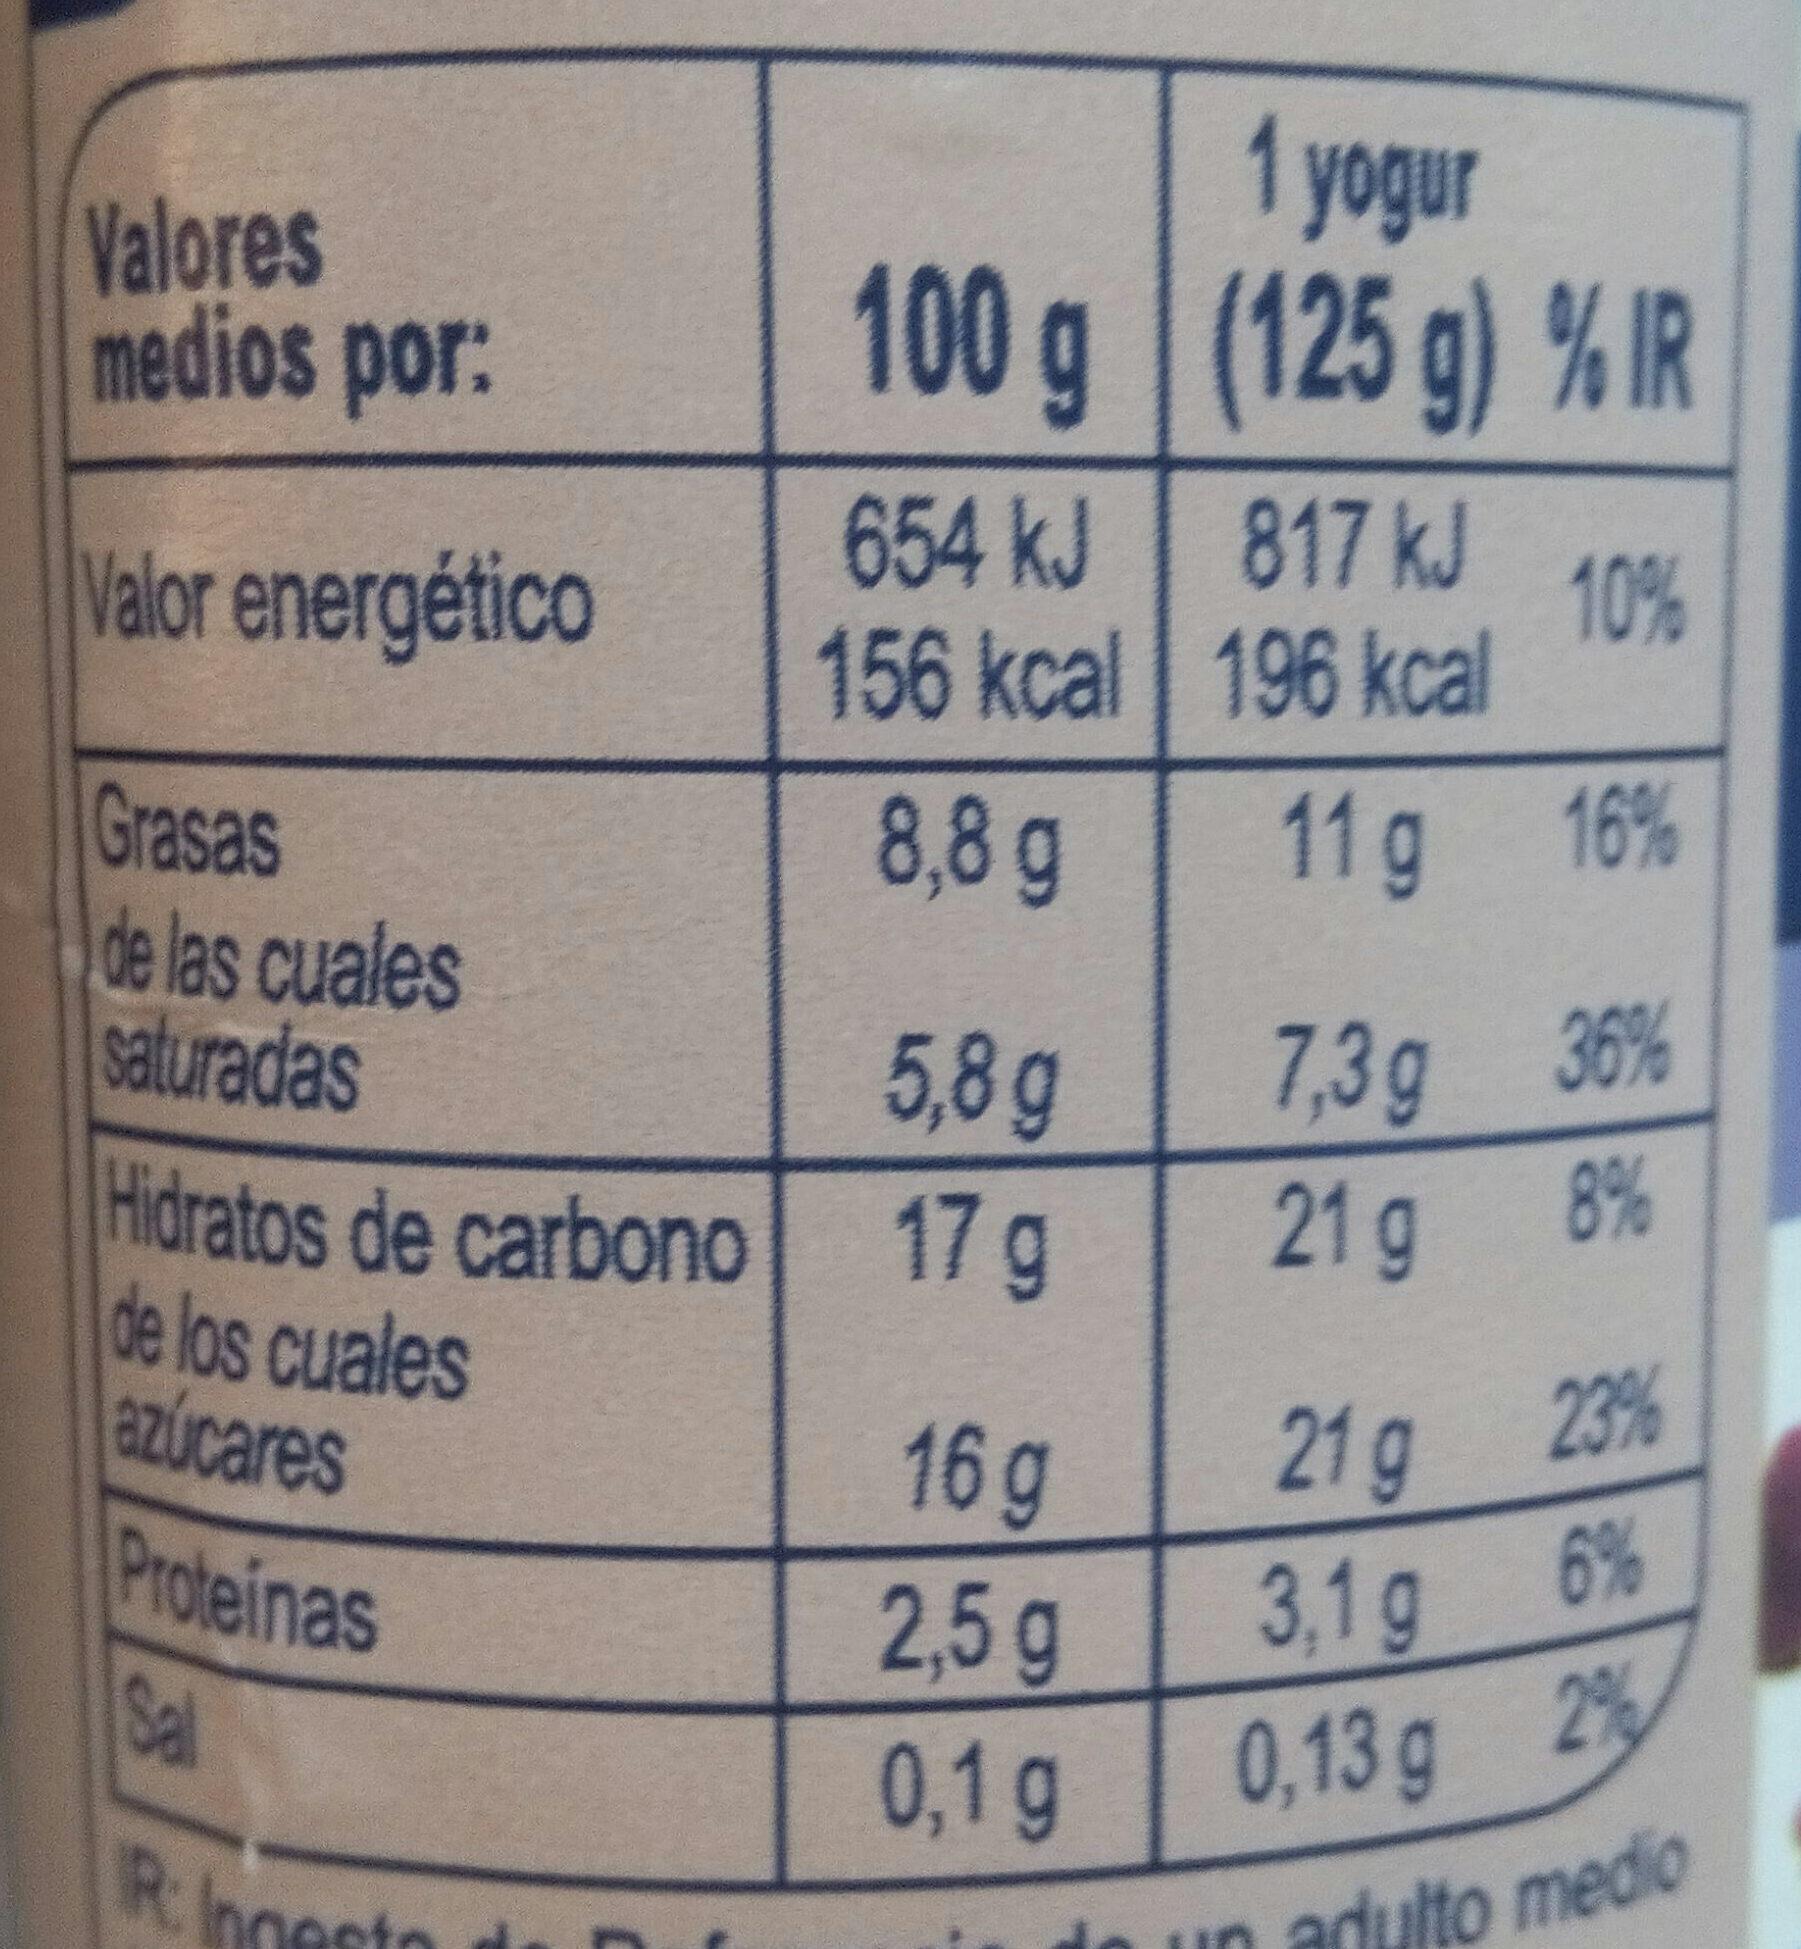 Yogur estilo griego Stracciatella - Voedingswaarden - es